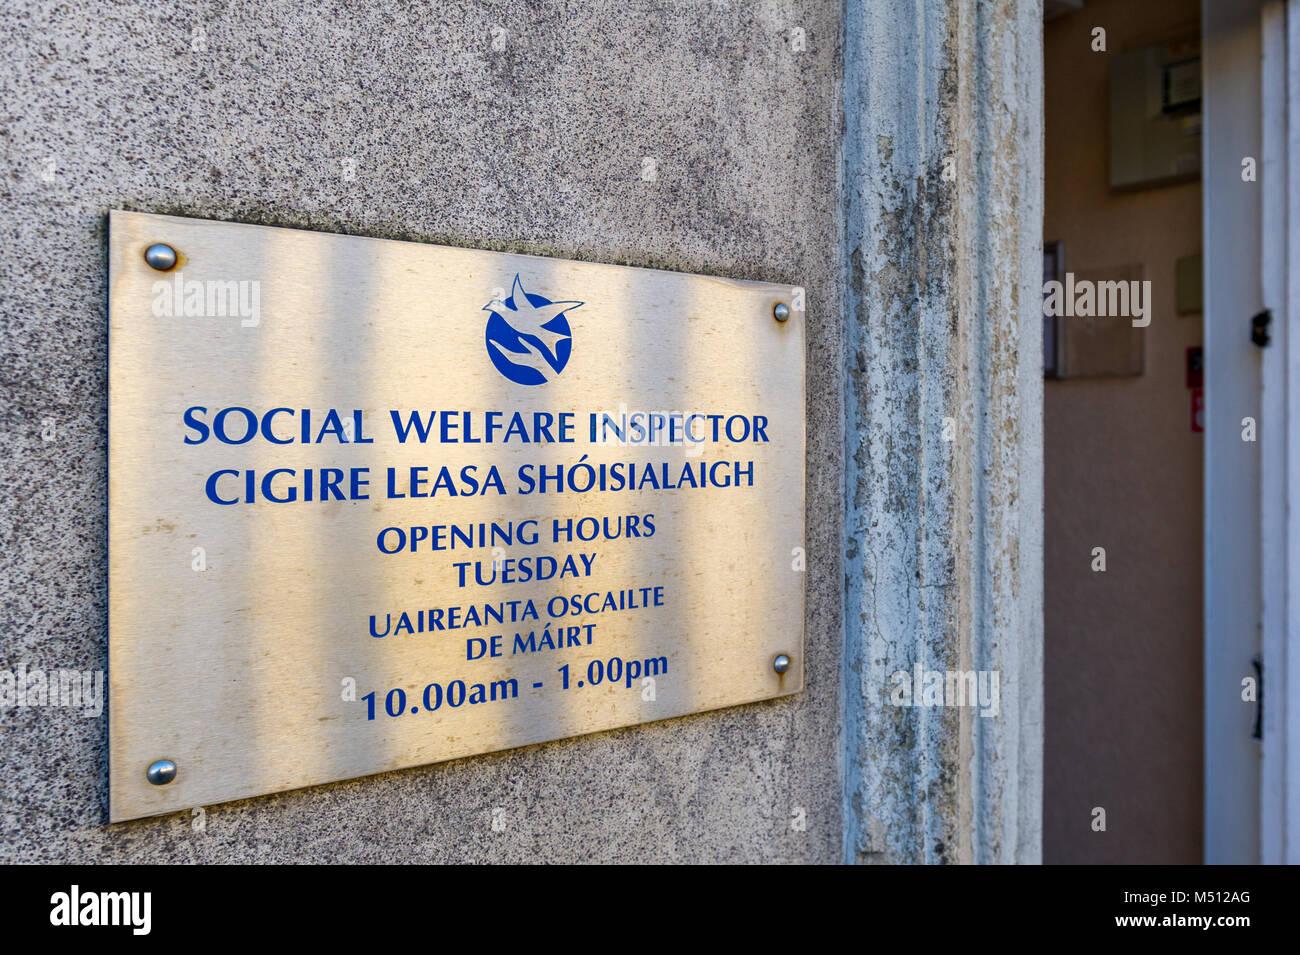 Il benessere sociale ispettore ore di apertura dell'ufficio accedi Dunmanway, County Cork, Irlanda. Immagini Stock